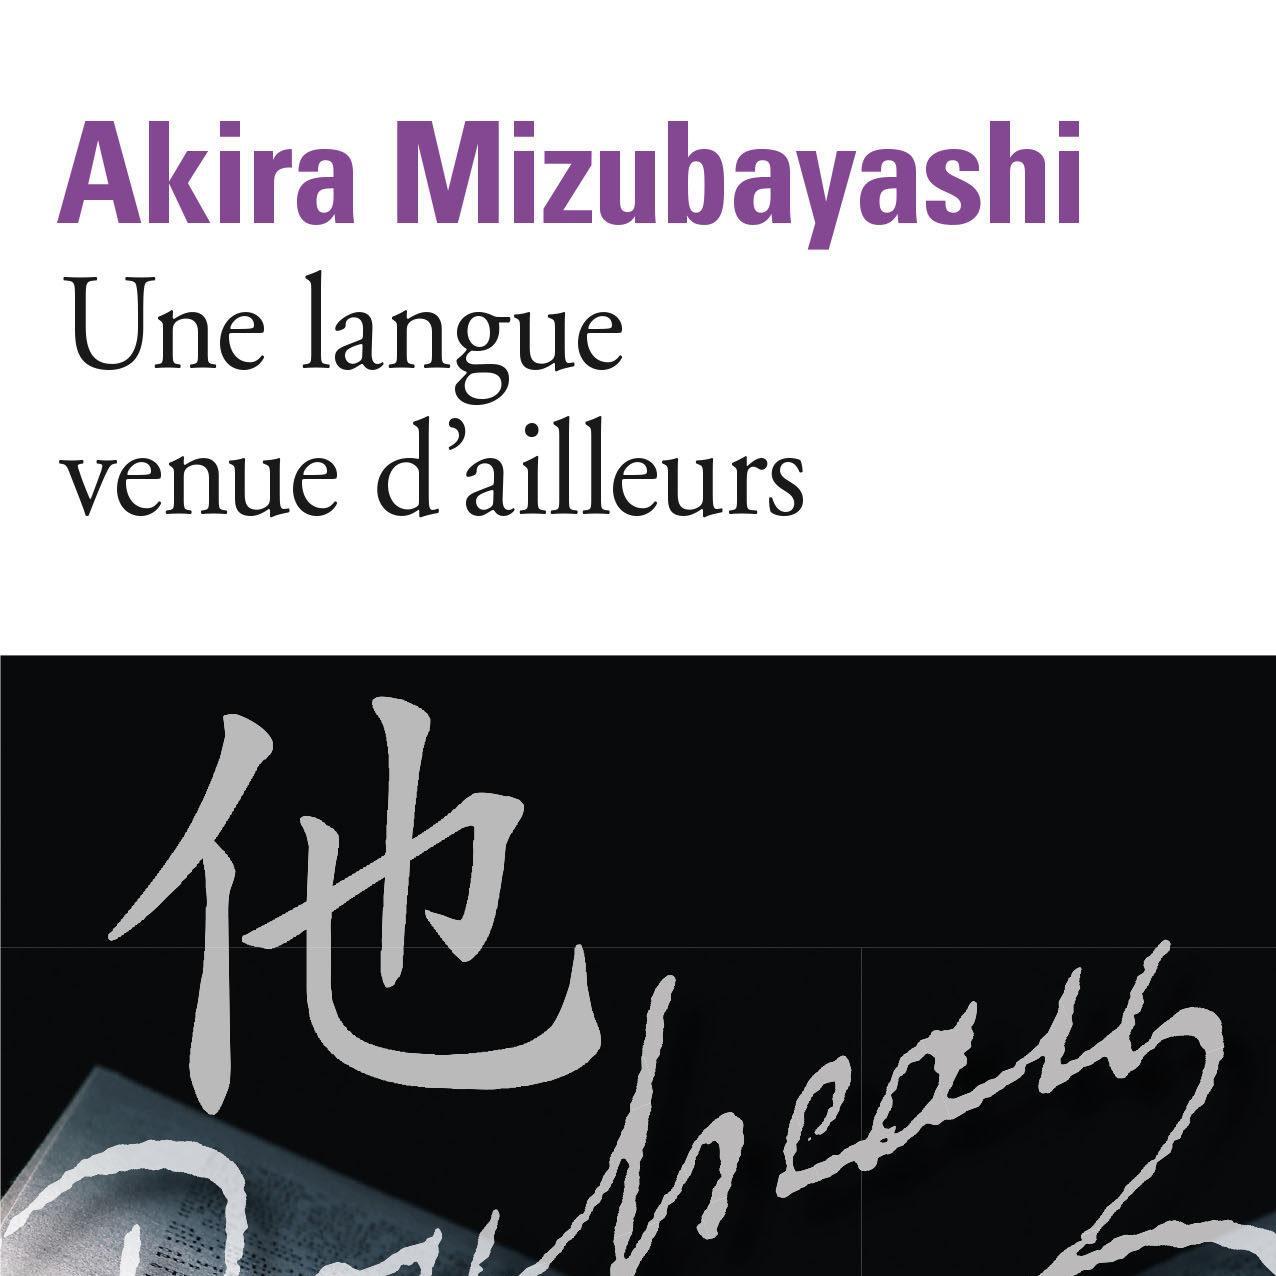 Couverture du livre Une langue venue d'ailleurs d'Akira Mizubayashi